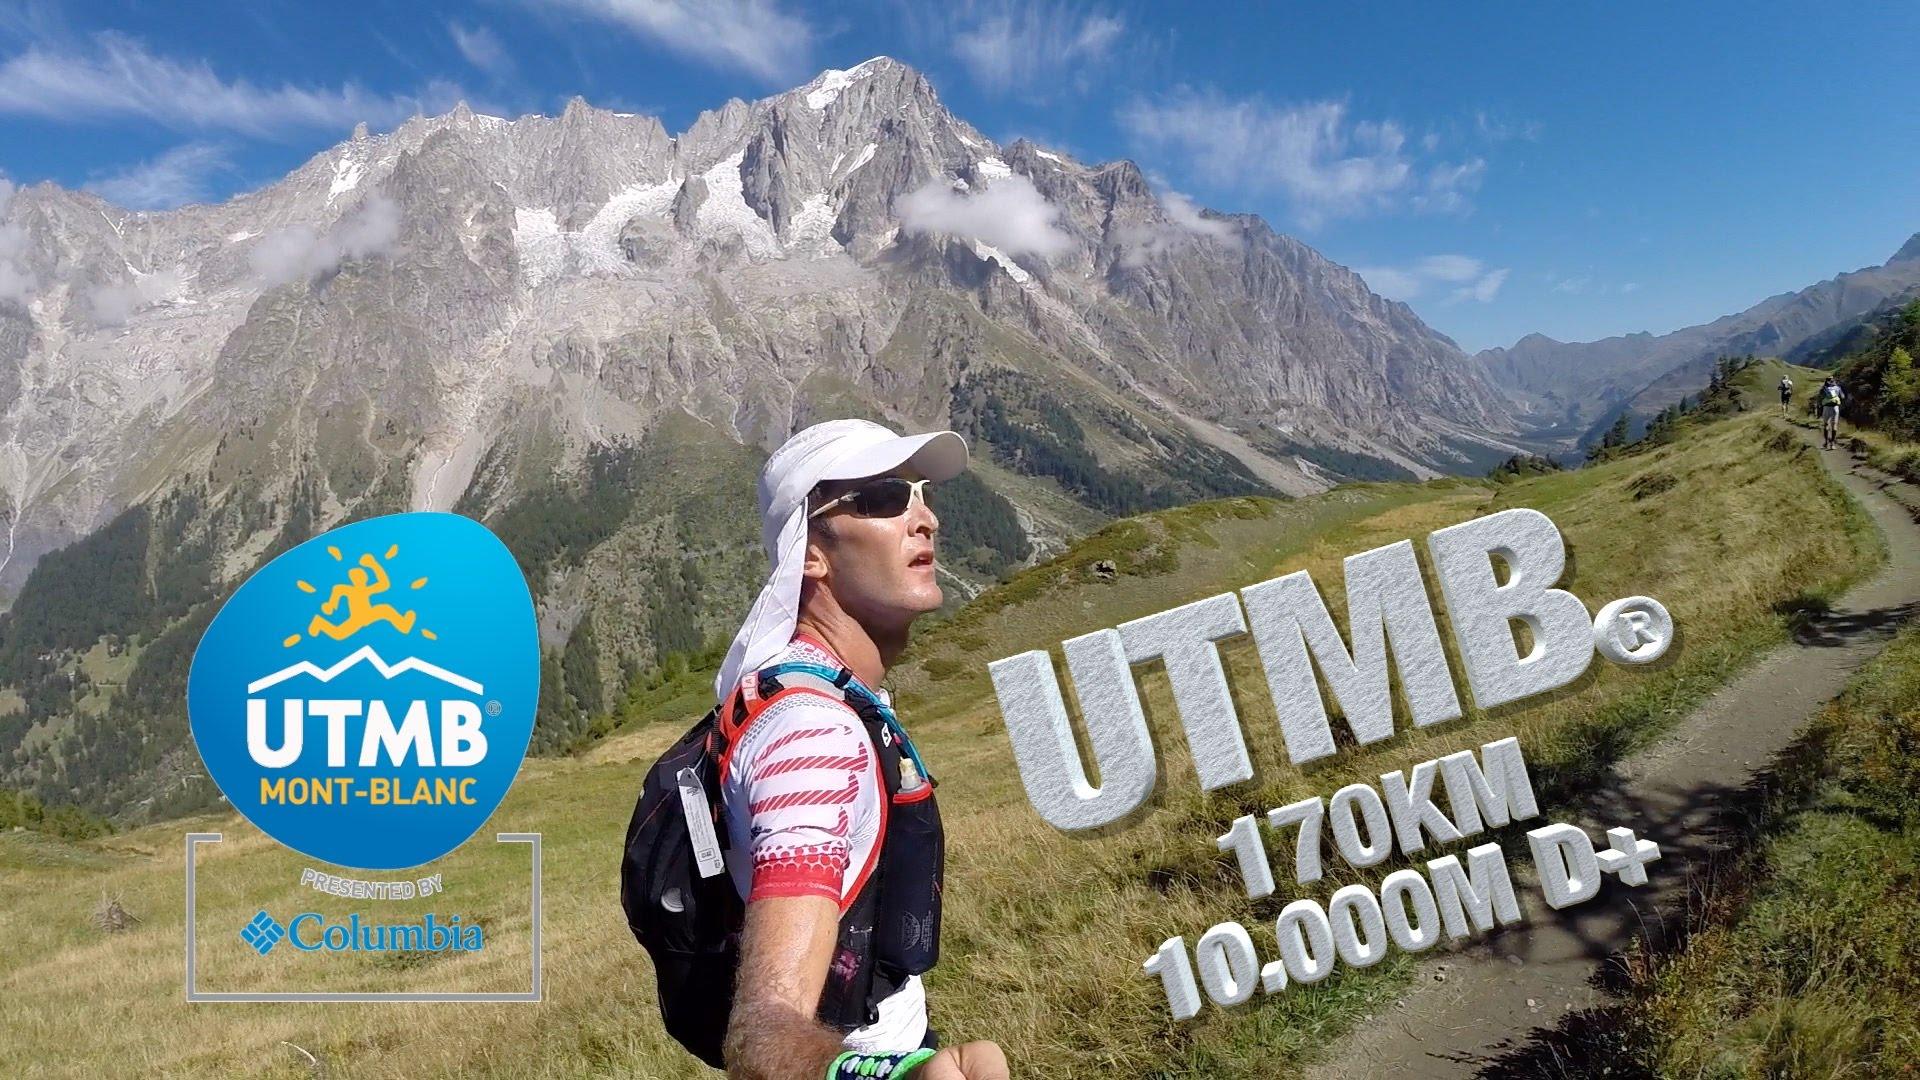 Ultra-Trail du Mont-Blanc 170K